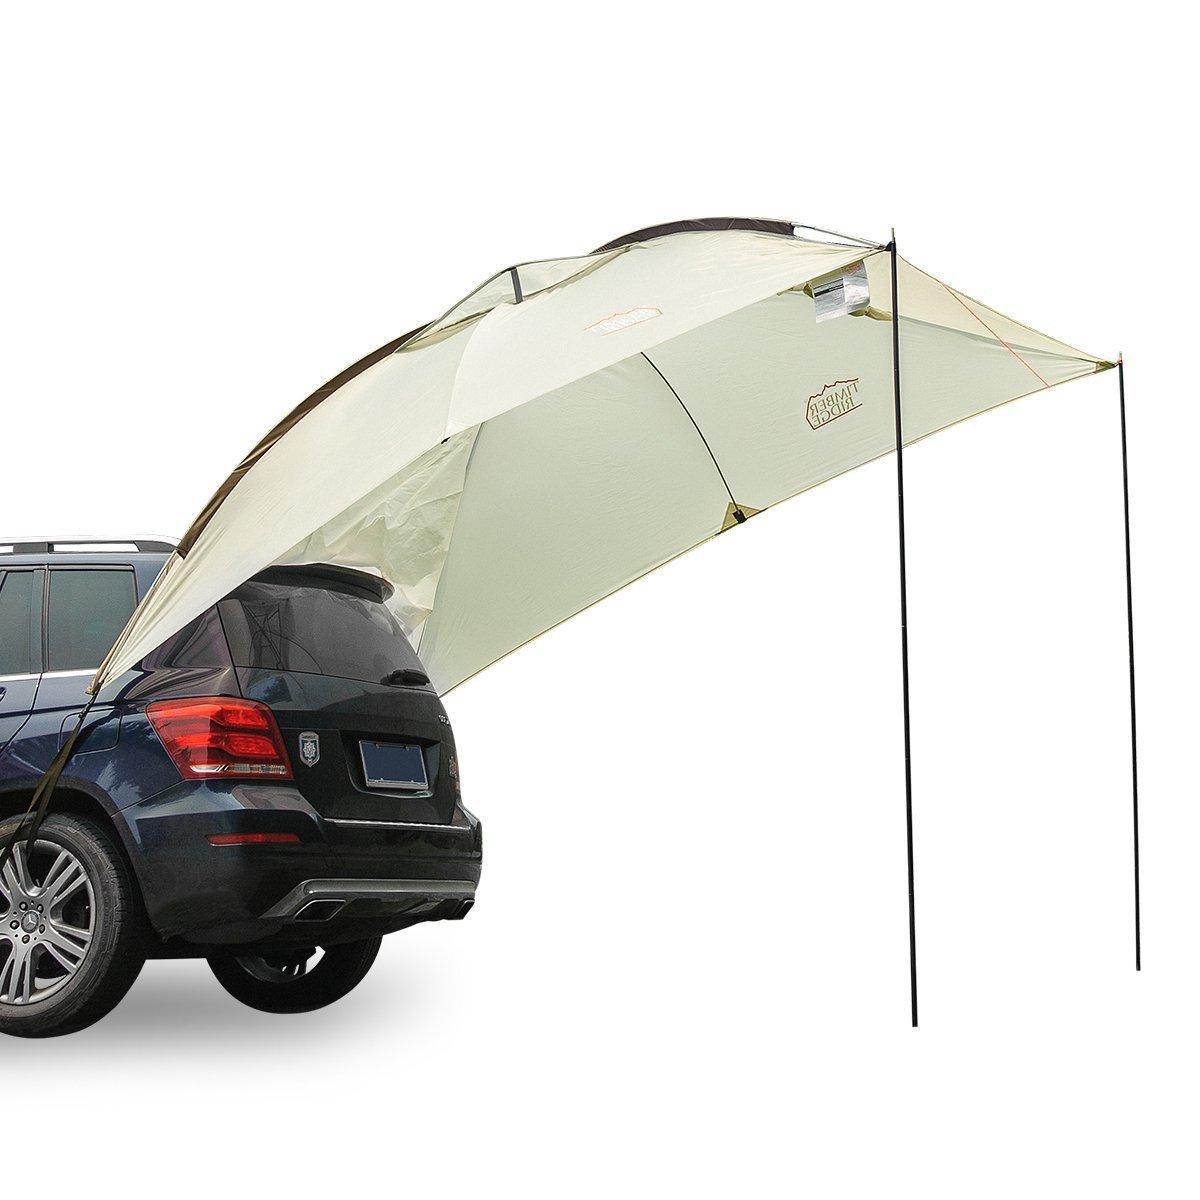 Timber Ridge Toldo de coche familiar para remolque, tienda de campaña al aire libre para playa, camping, SUV, 3-4 personas parasol: Amazon.es: Deportes y aire libre